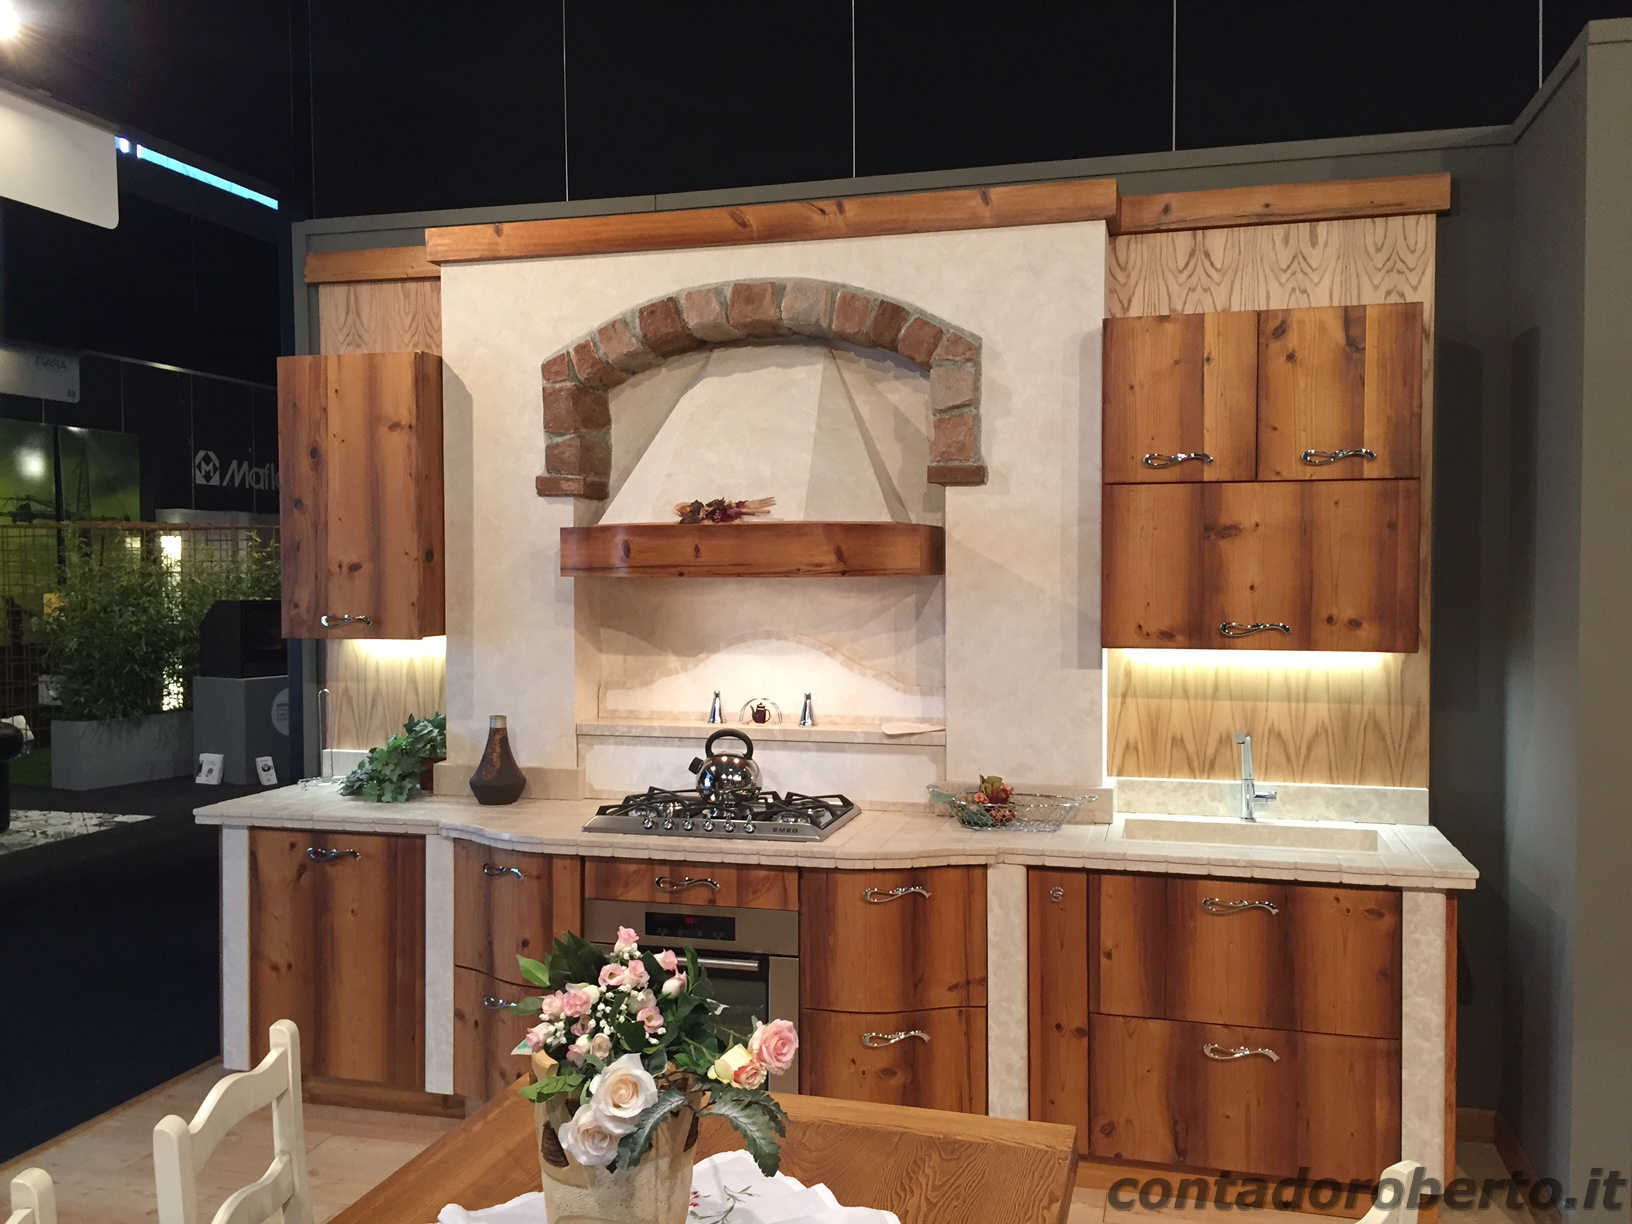 Cucina Moderna in Legno di Larice Vecchio | Contado Roberto Group ...